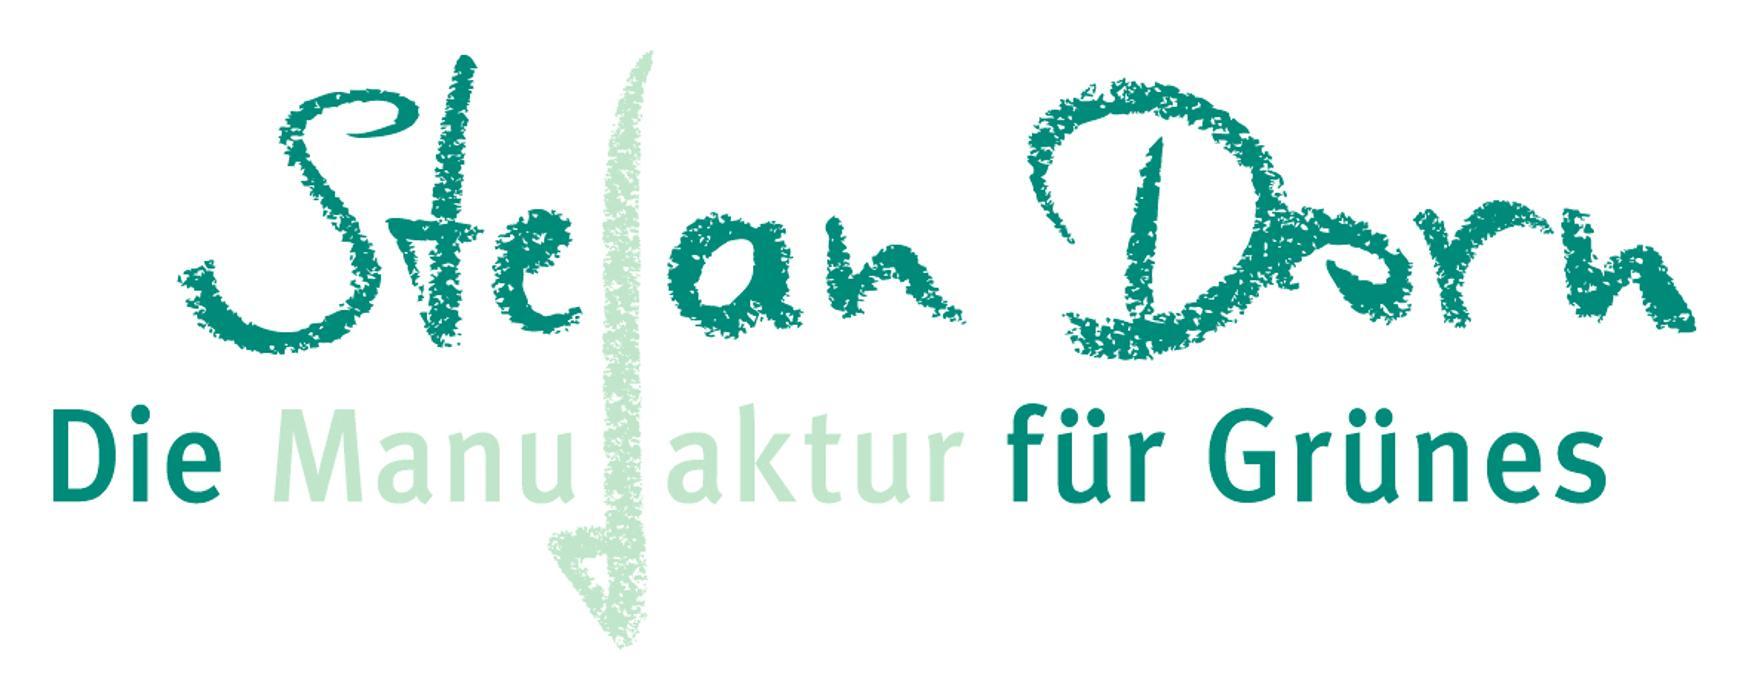 Bild zu Die Manufaktur für Grünes Stefan Dorn Gärtnerei Dorn in Andechs